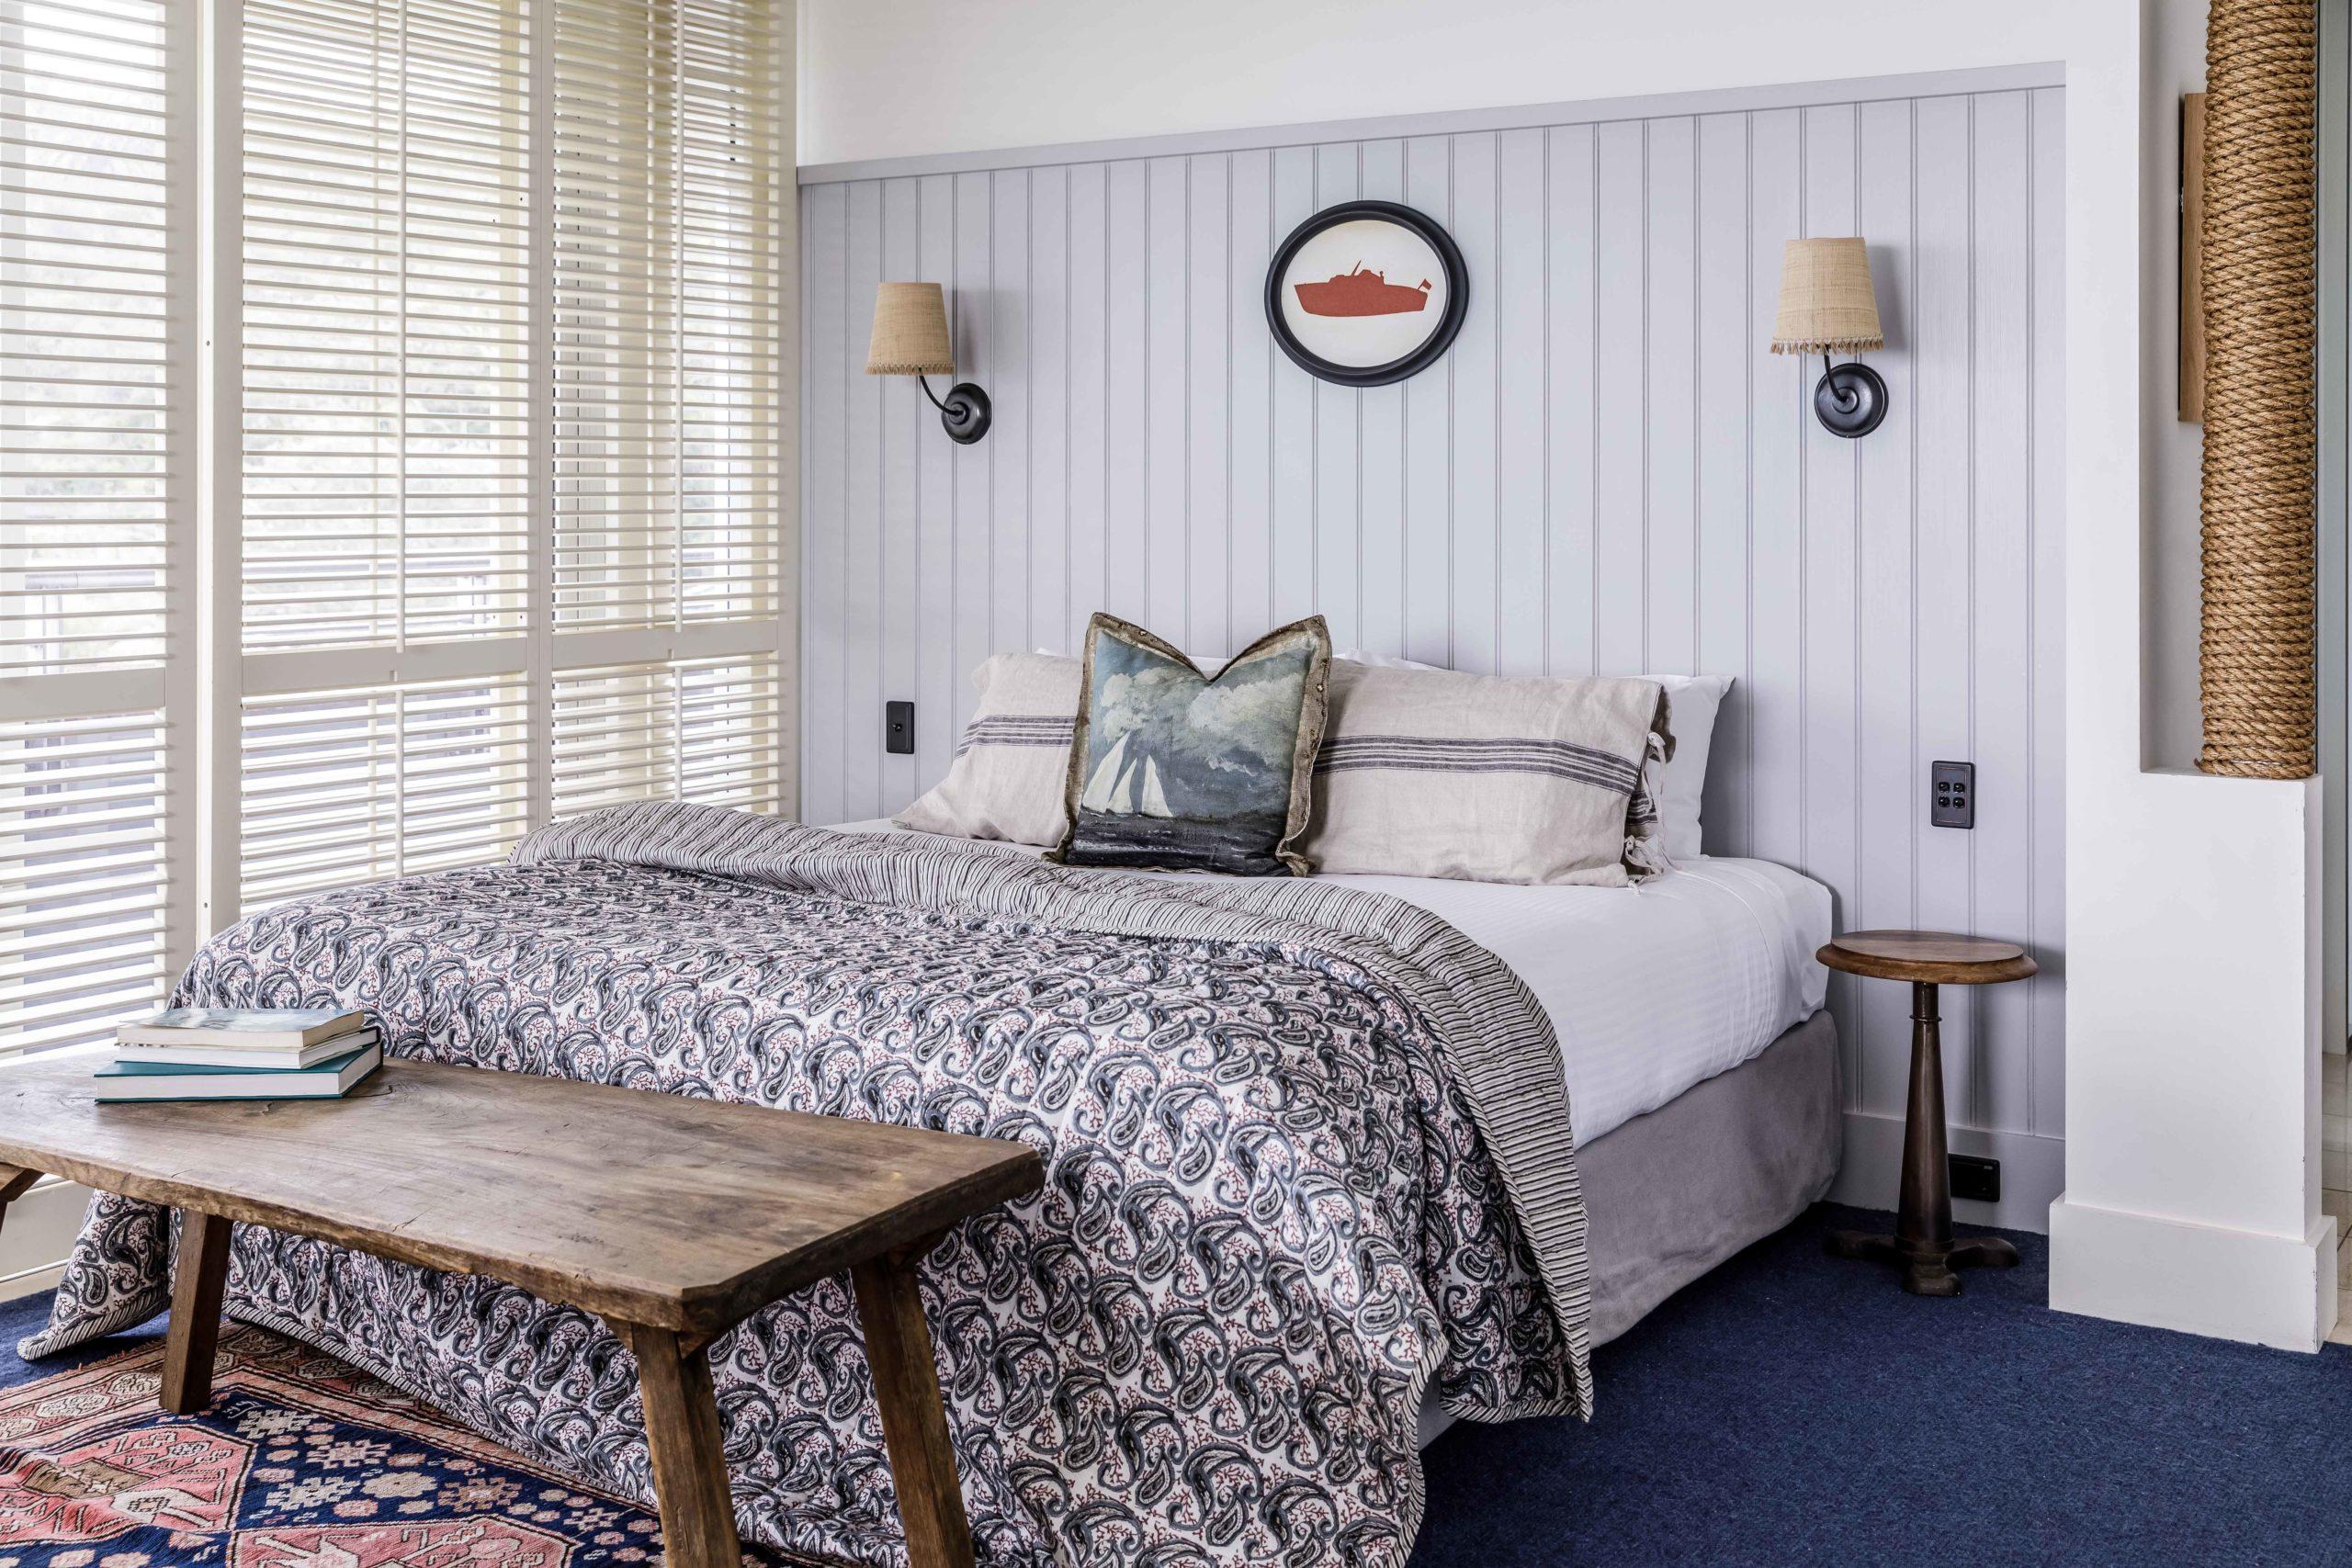 20181220_Watsons Bay Hotel_210_Low 5